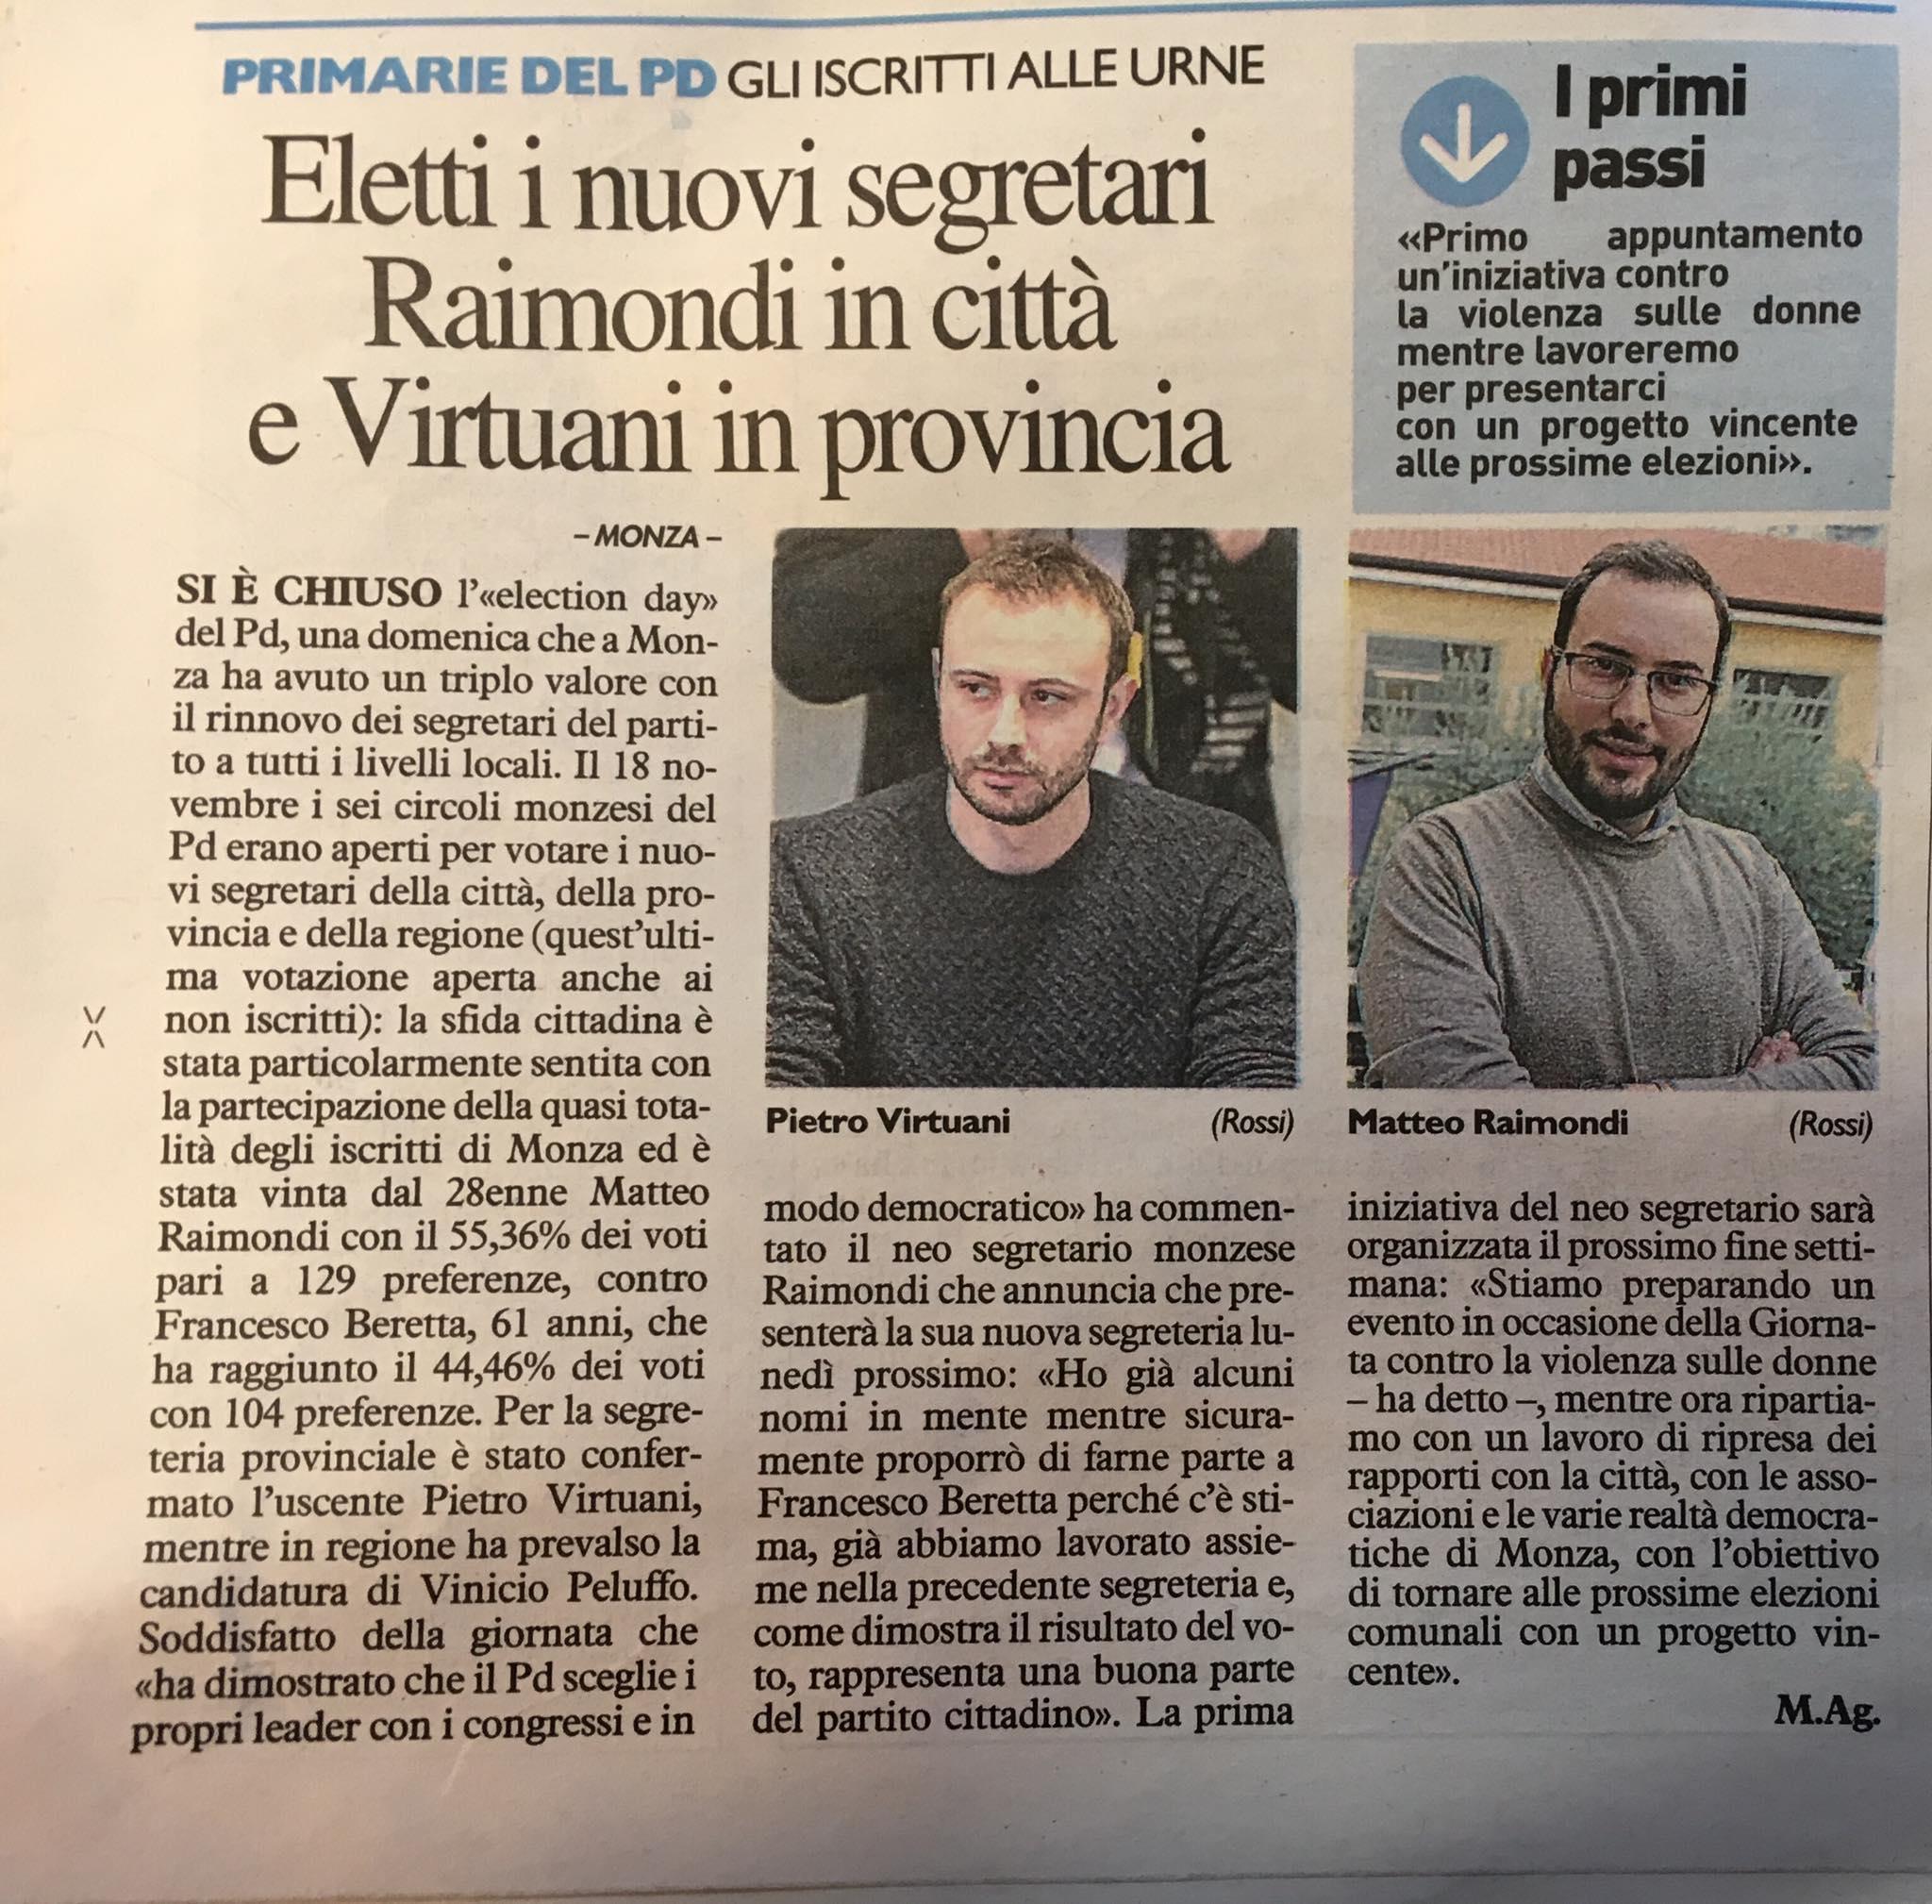 Eletti i nuovi segretari Raimondi in città e Virtuani in provincia